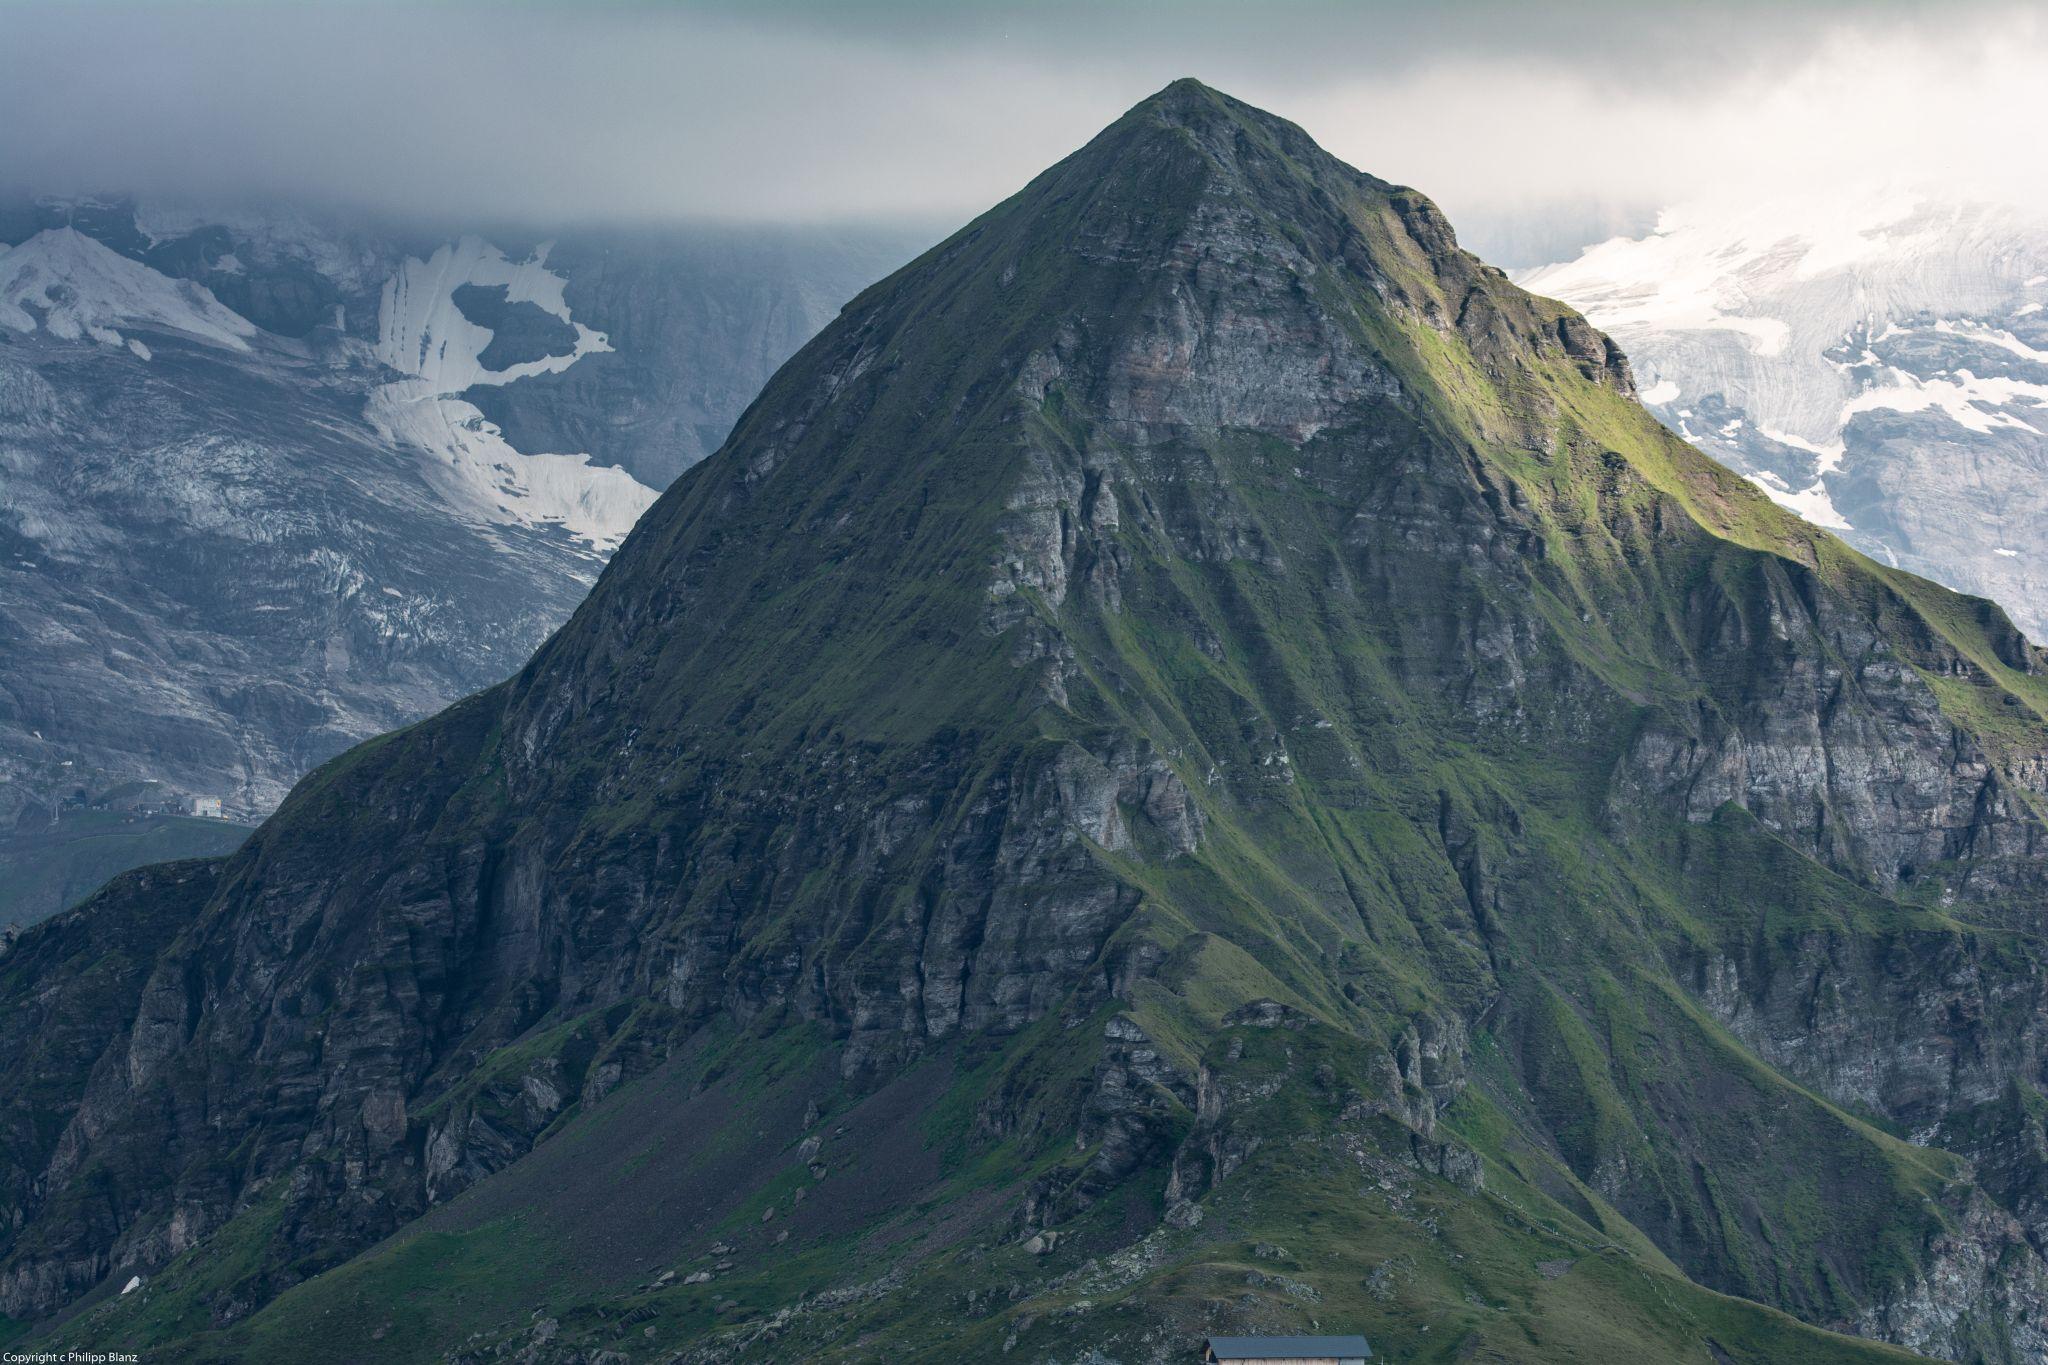 Tschuggen, Lauterbrunnen valley, Switzerland